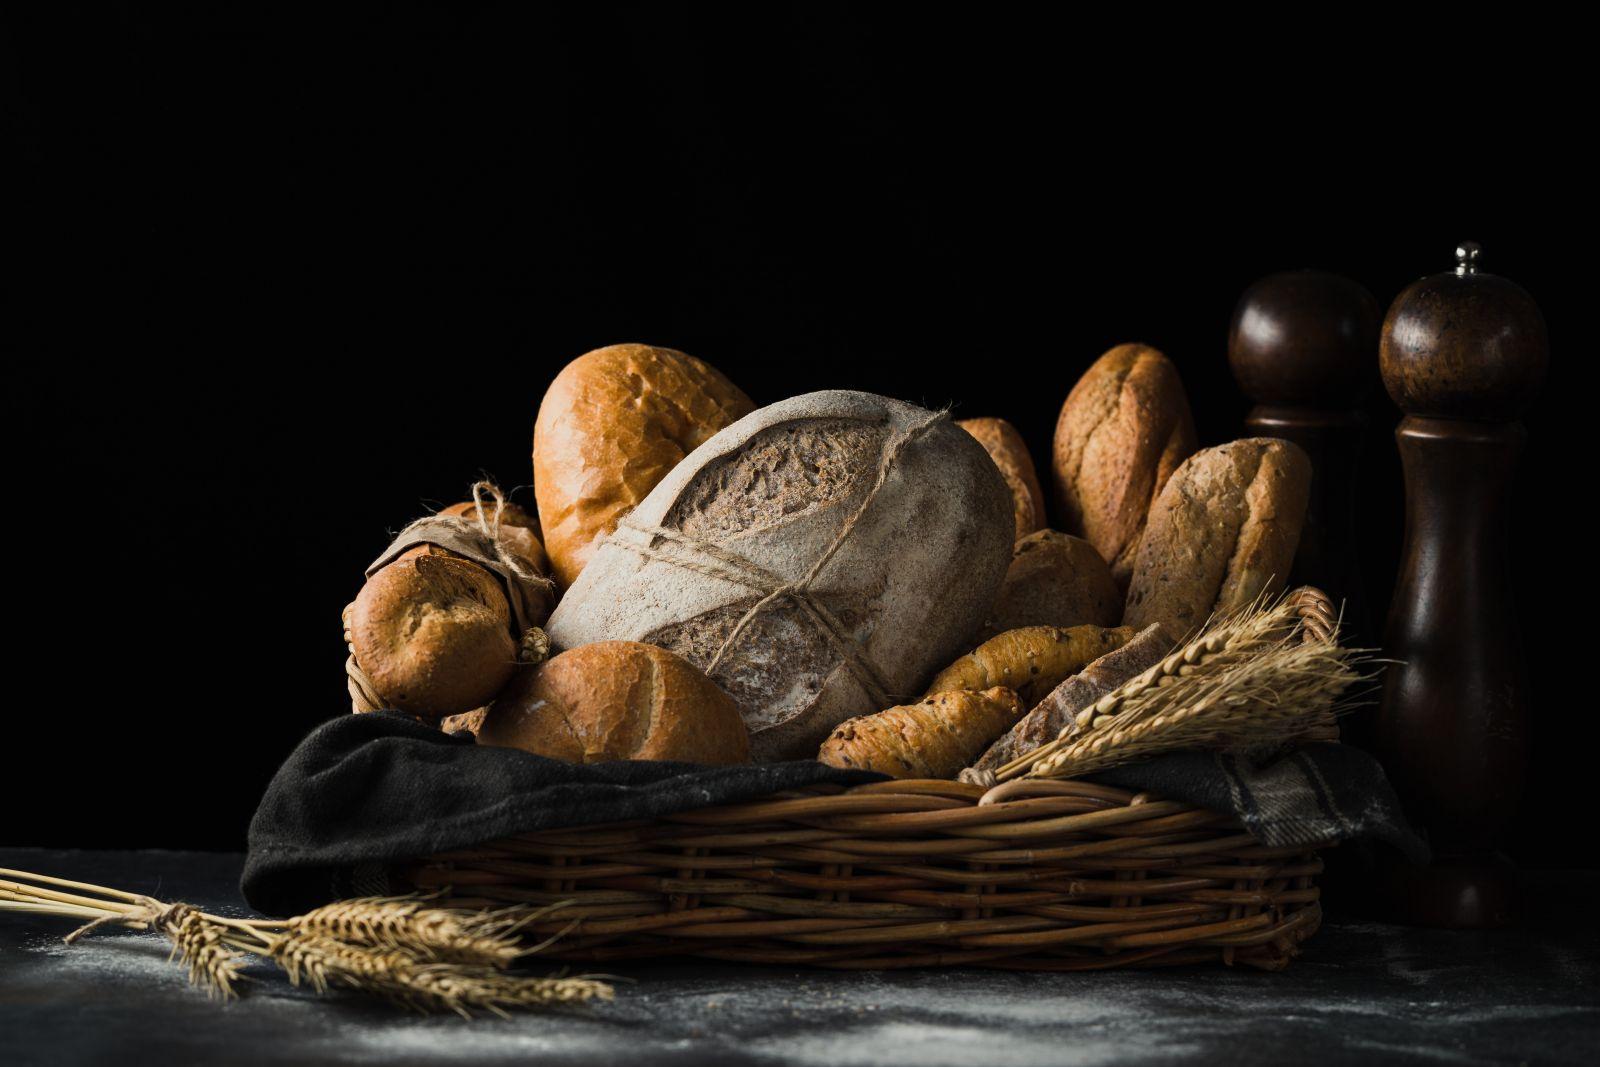 Αυτοί που τρώνε ψωμί μαζί, company